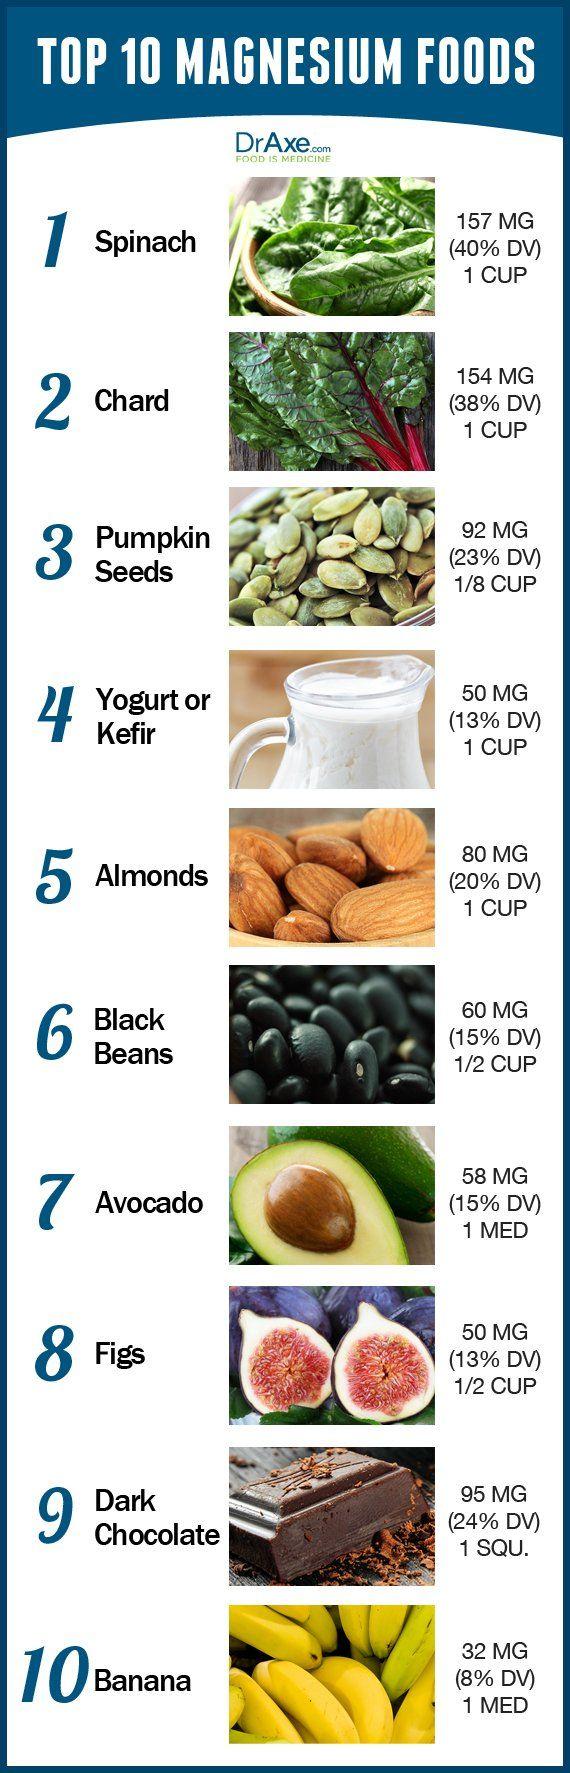 Top 10 Magnesium Foods #health #magnesium